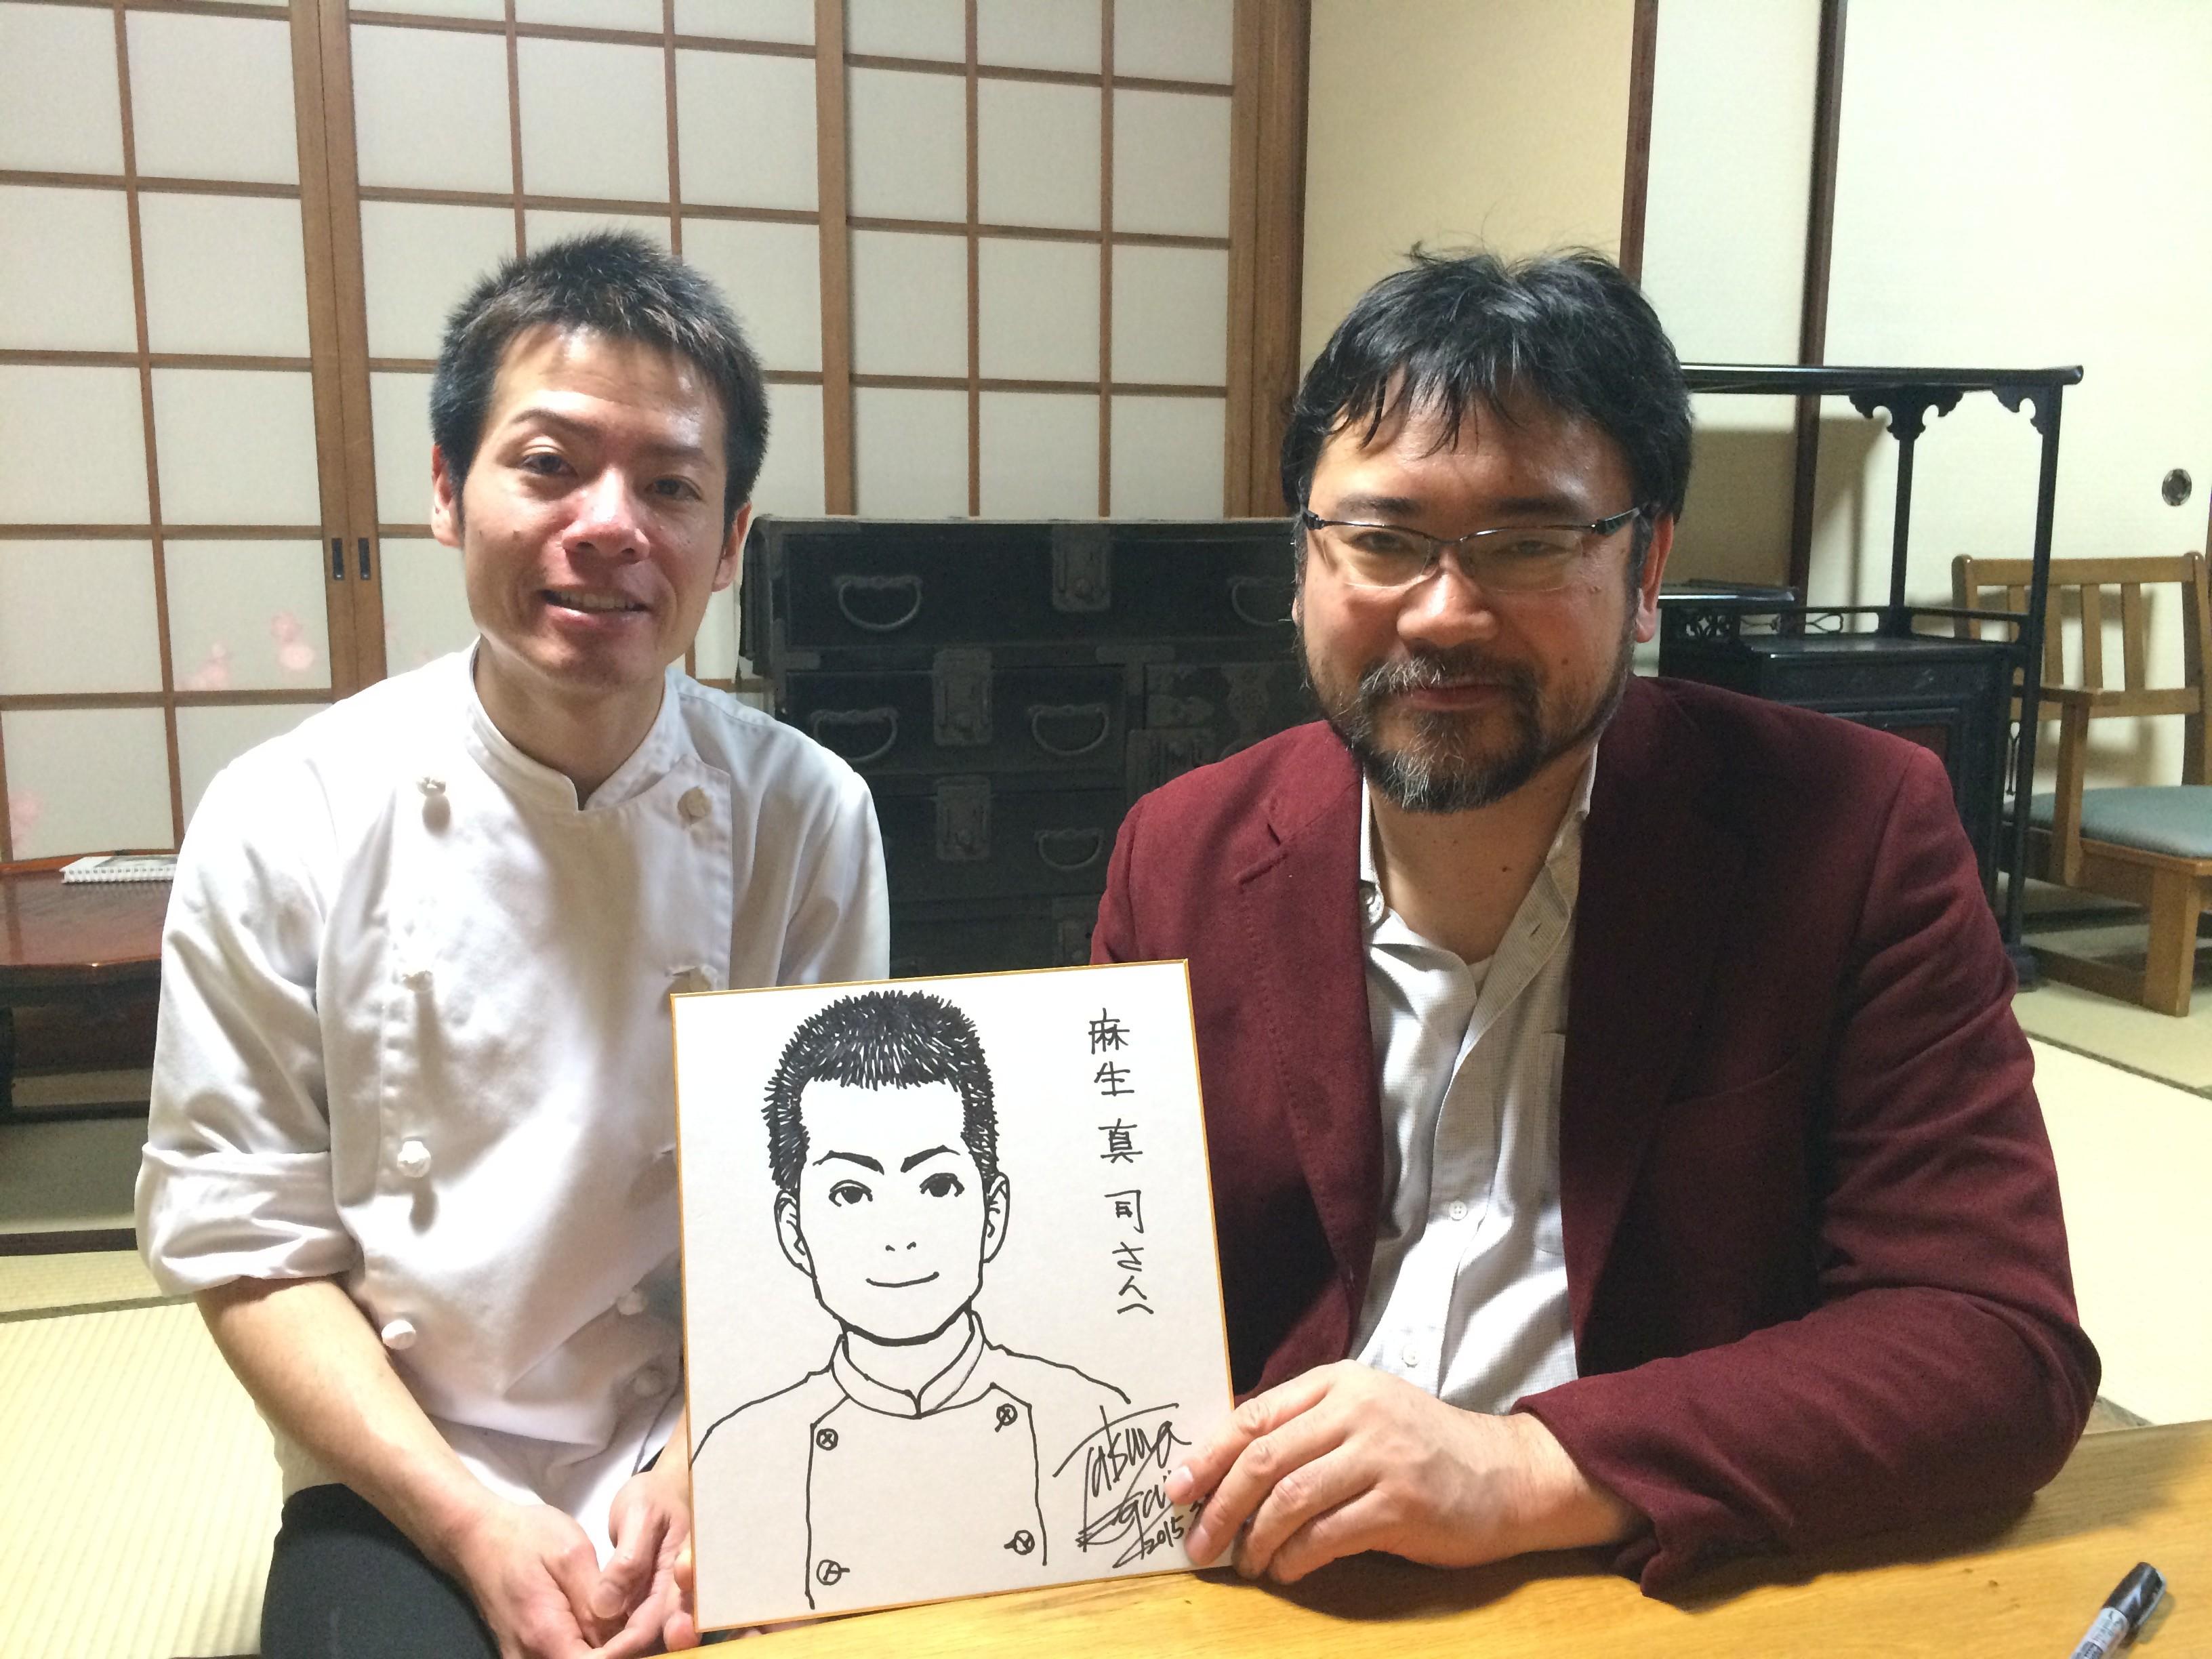 まじかるタルるートくん、東京大学物語で有名な江川達也さんと記念撮影